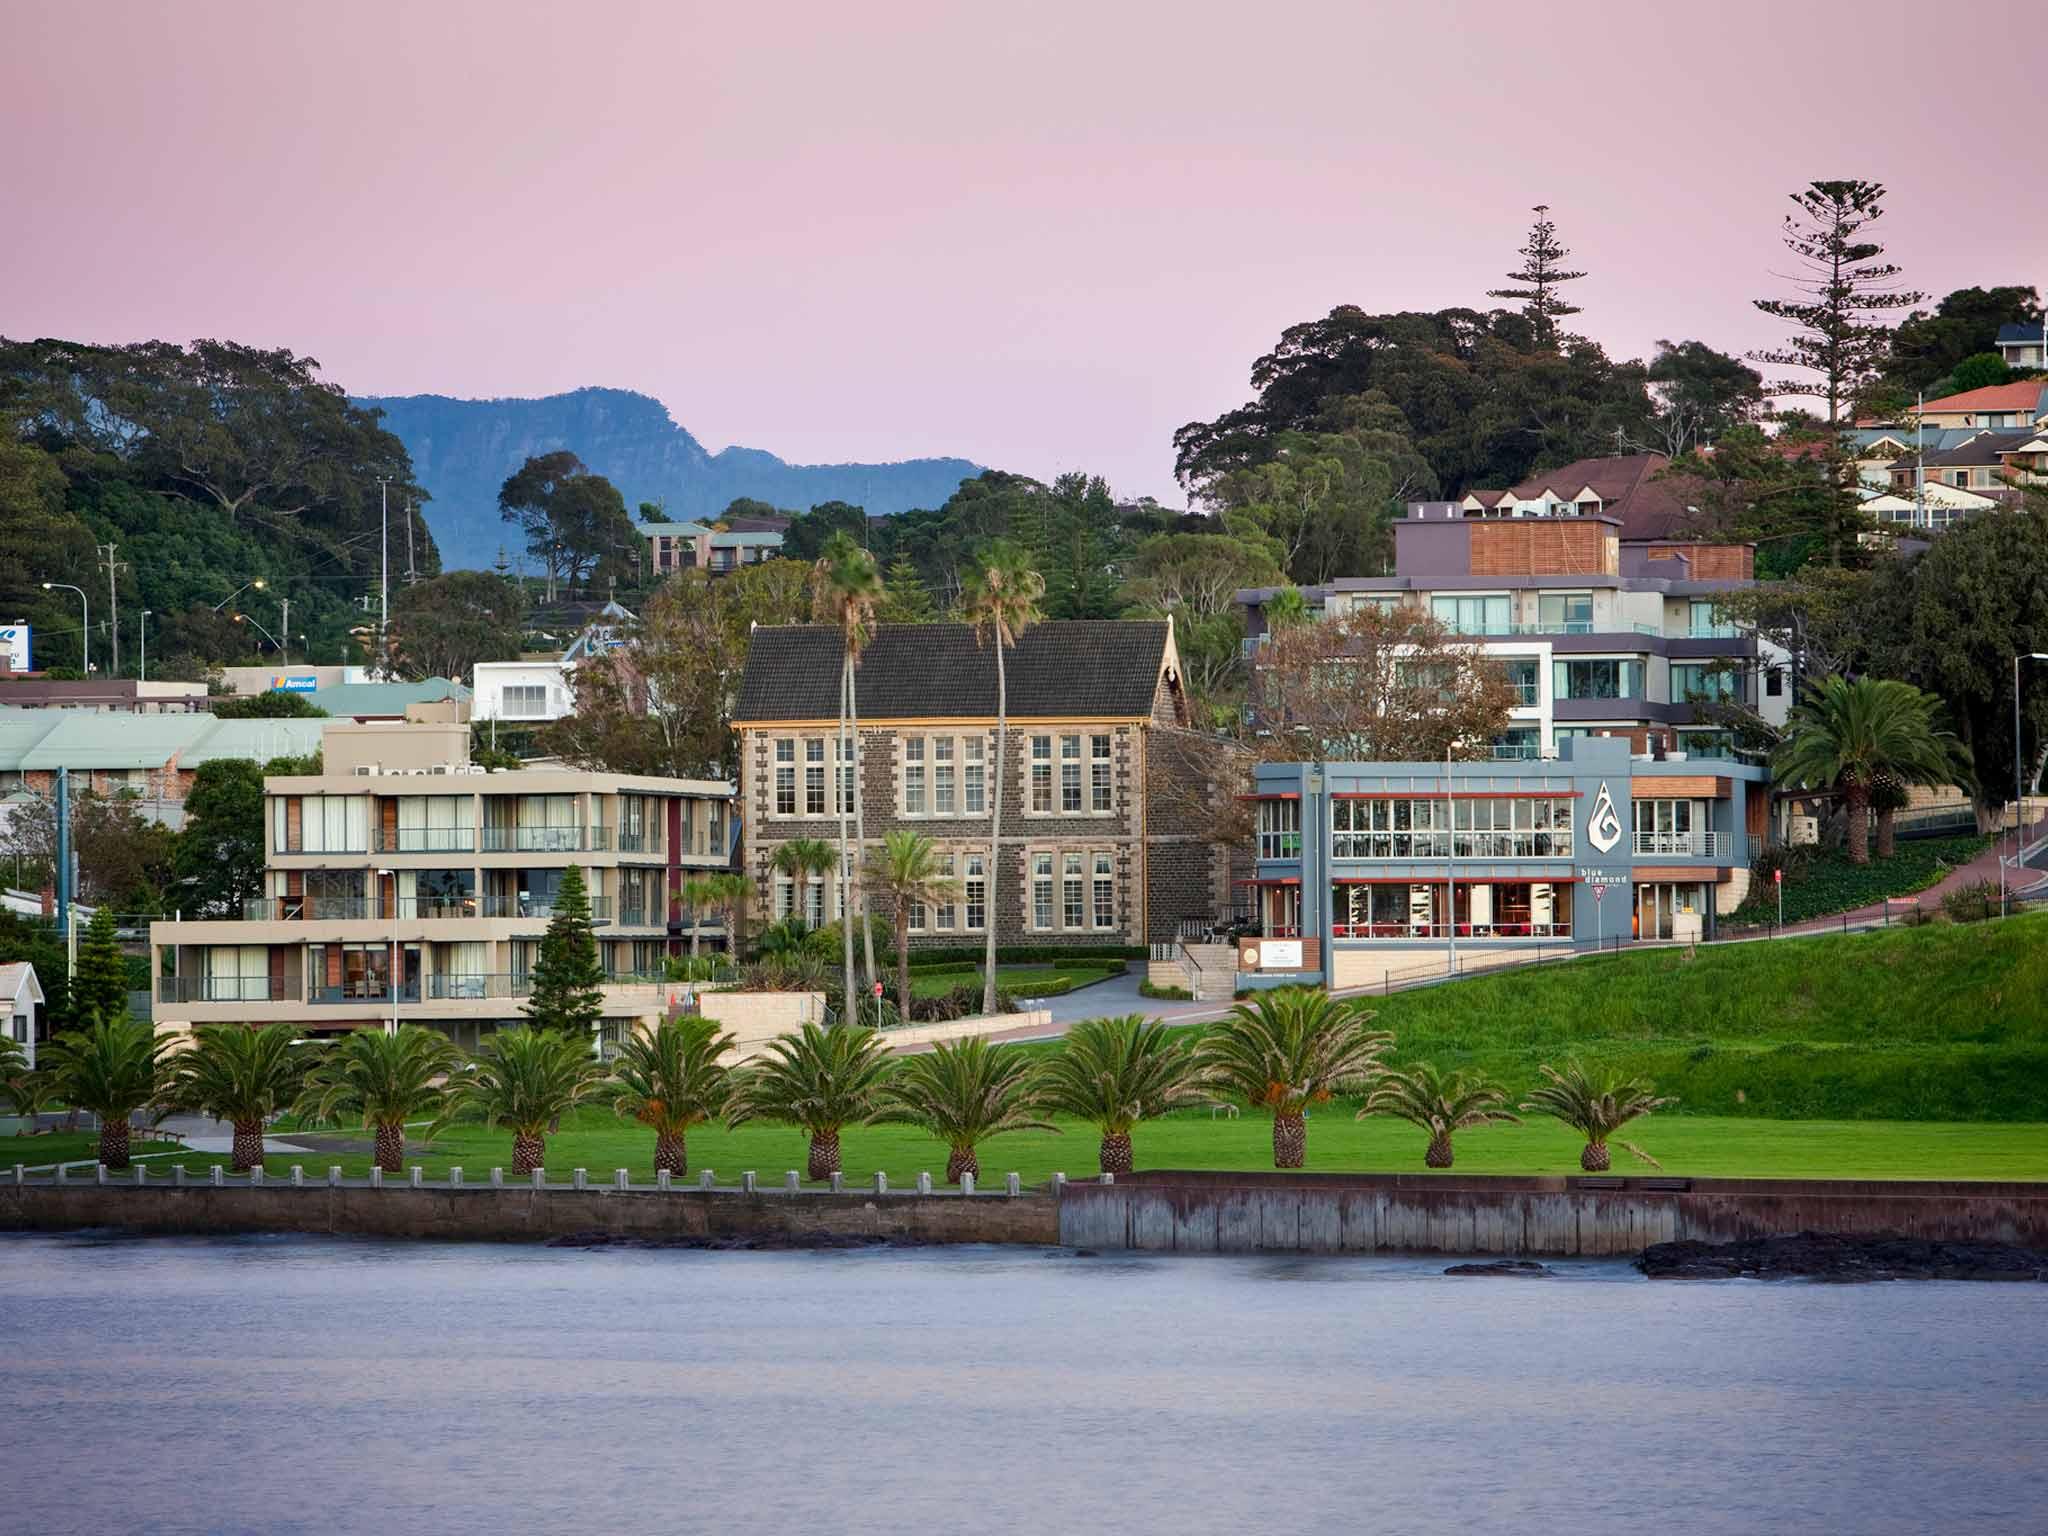 Hotel - The Sebel Kiama Harbourside